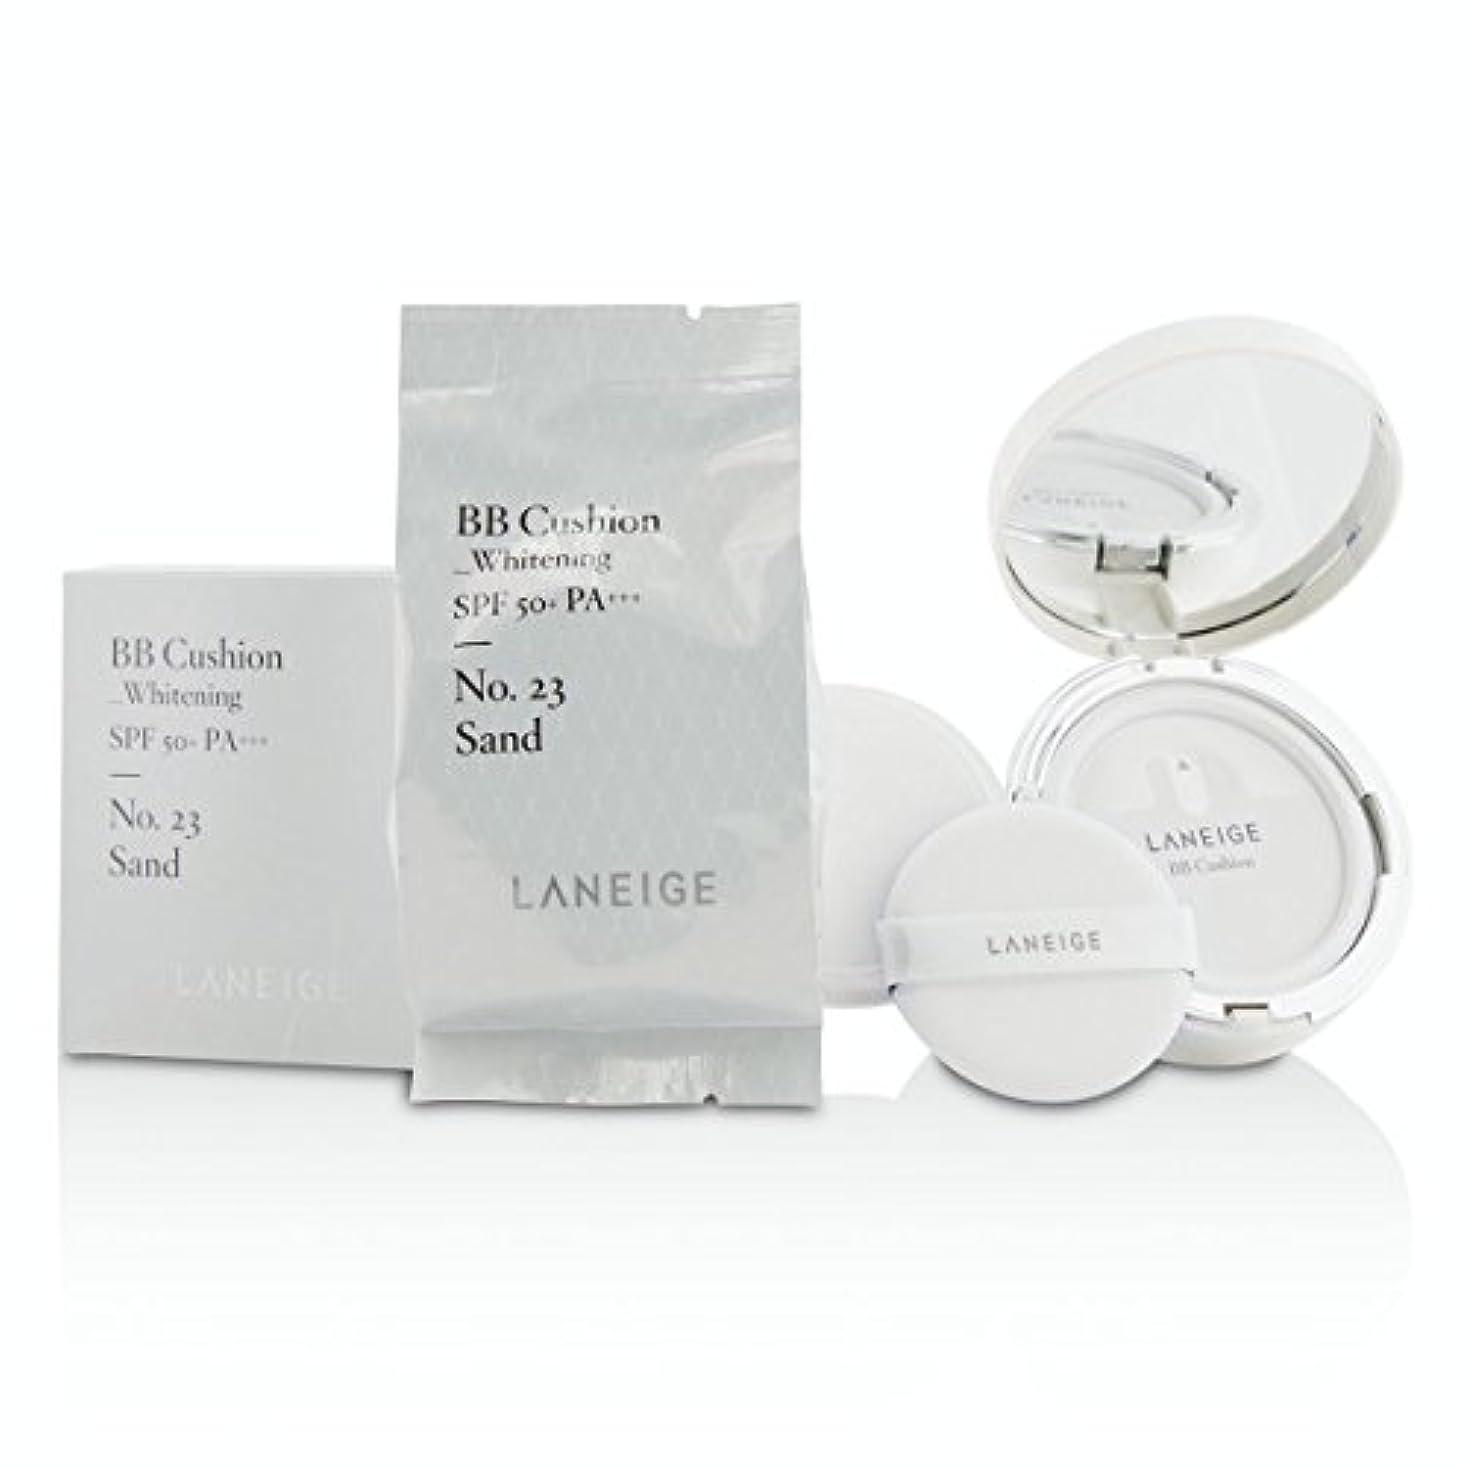 時制モンスター銛[Laneige] BB Cushion Foundation (Whitening) SPF 50 With Extra Refill - # No. 23 Sand 2x15g/0.5oz